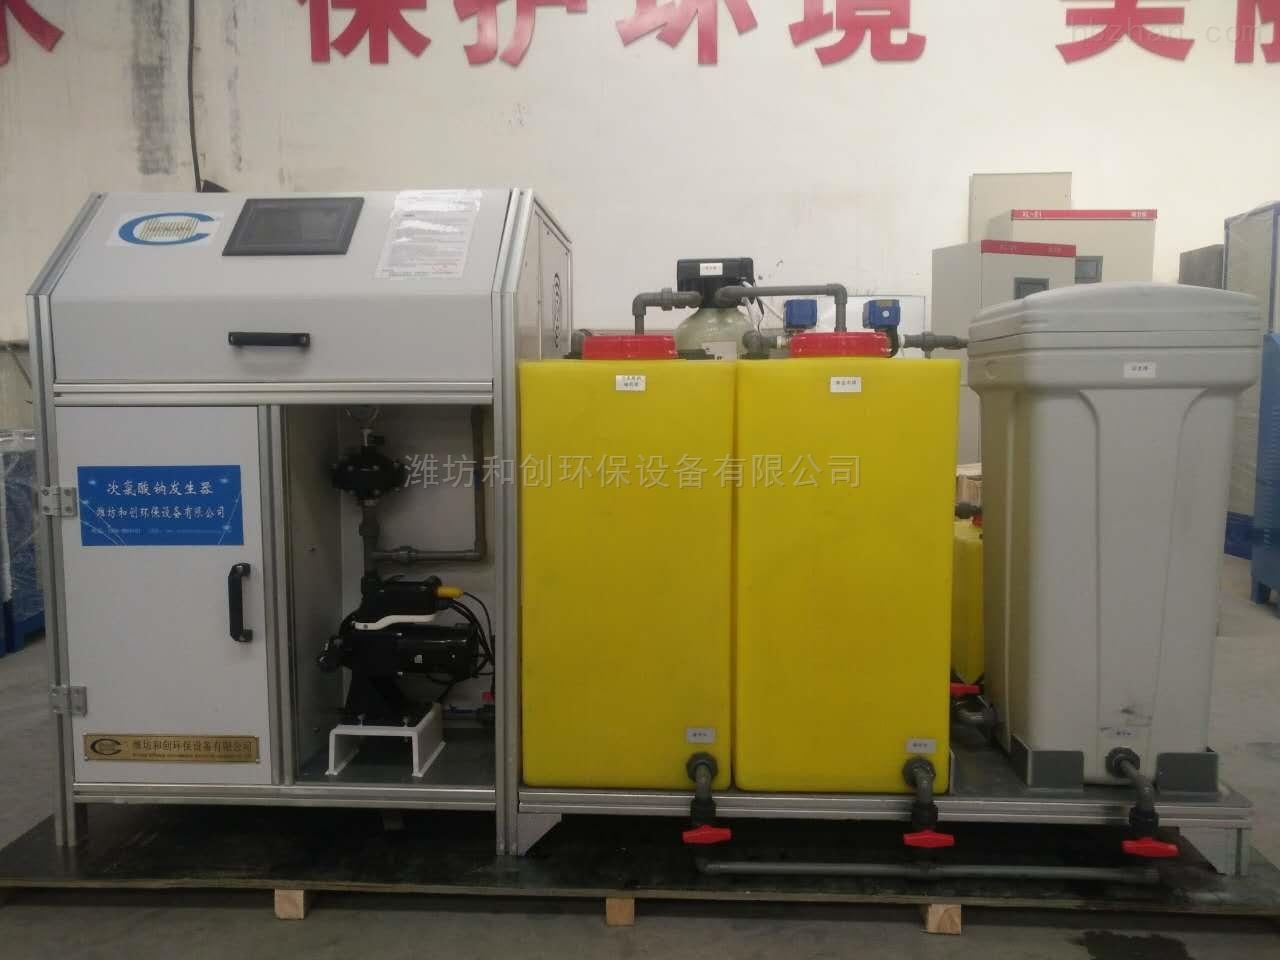 武汉电厂污水消毒次氯酸钠发生器现货